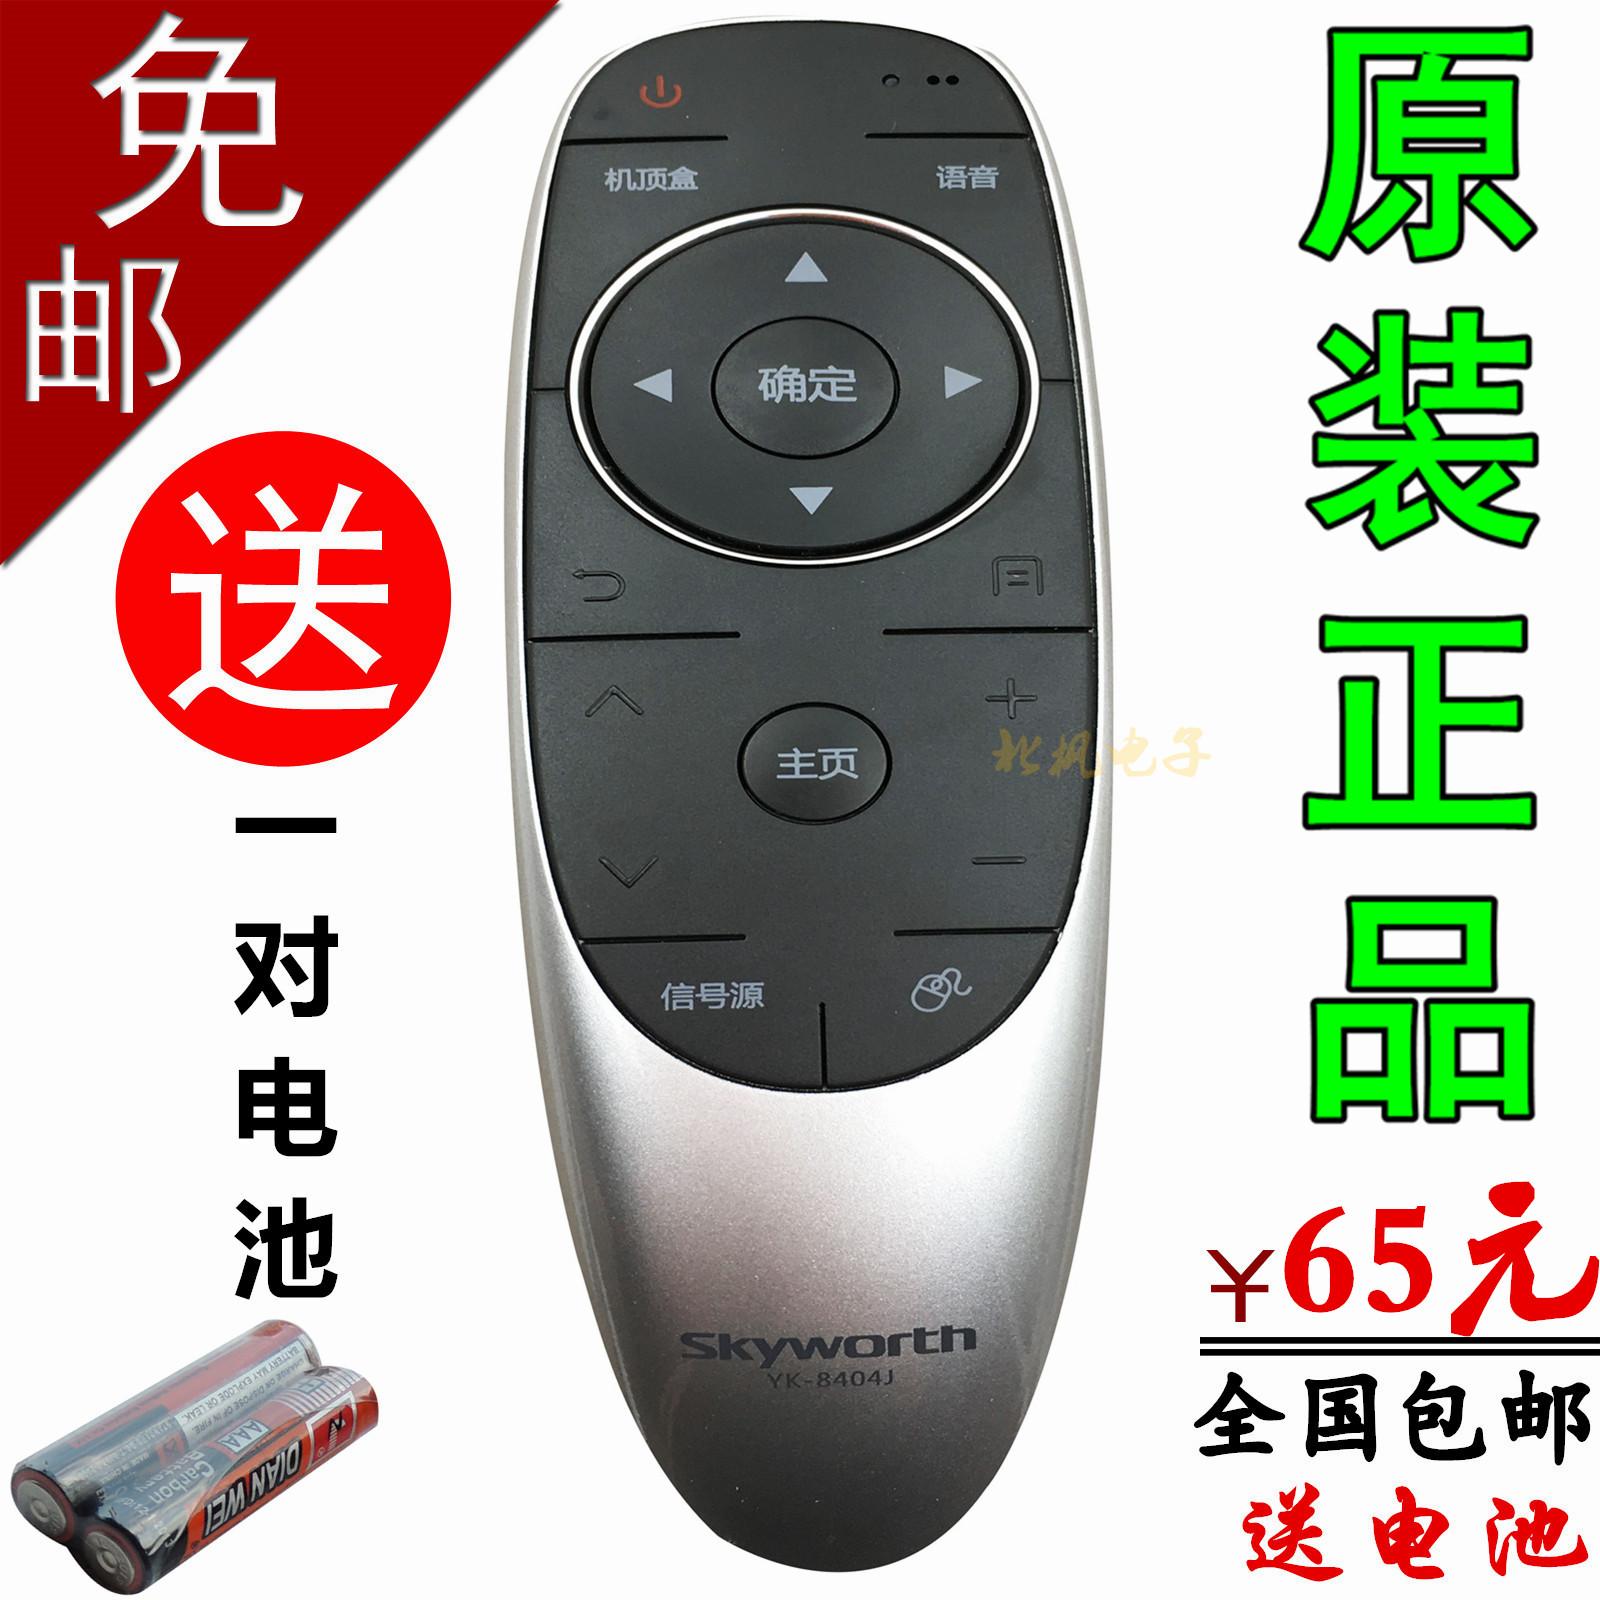 陆��j���.yK_原装创维电视遥控器 yk-8404j 通 yk-8404h yk-8400j/8400h